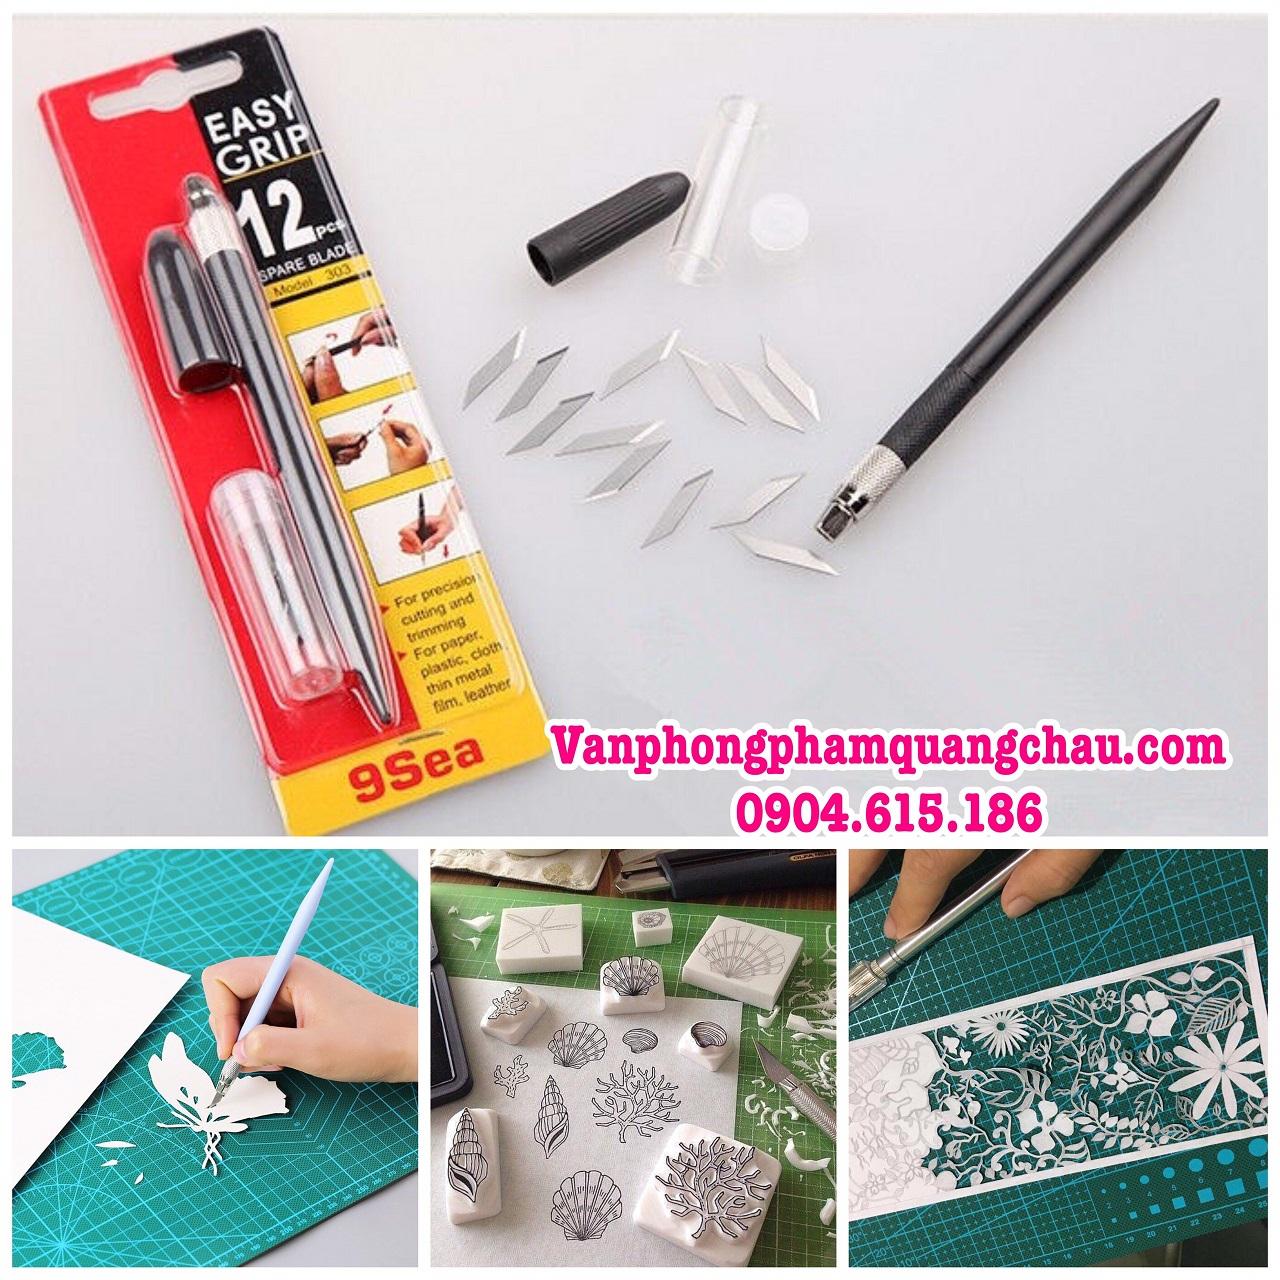 Bộ dụng cụ cắt, tỉa mô hình giấy, cao su - Easy grip 9sea - (Kèm 12 lưỡi dao)_CT11